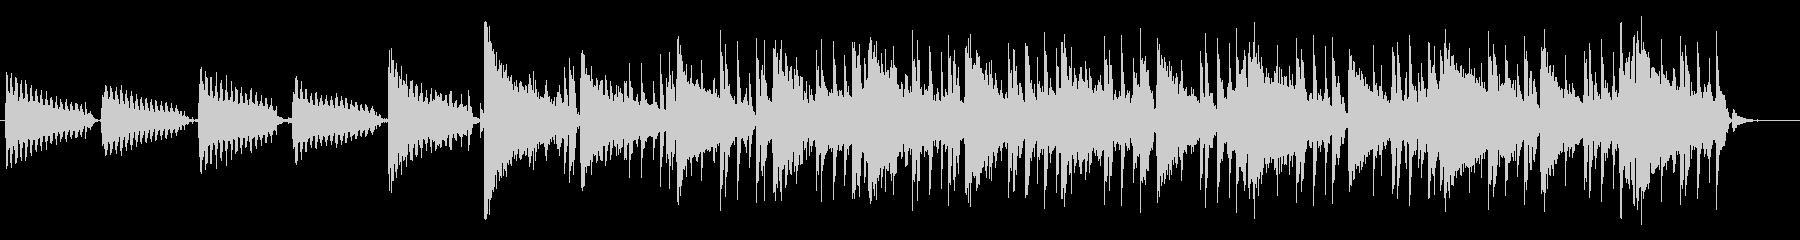 古い印象のヒップホップBGM#01の未再生の波形